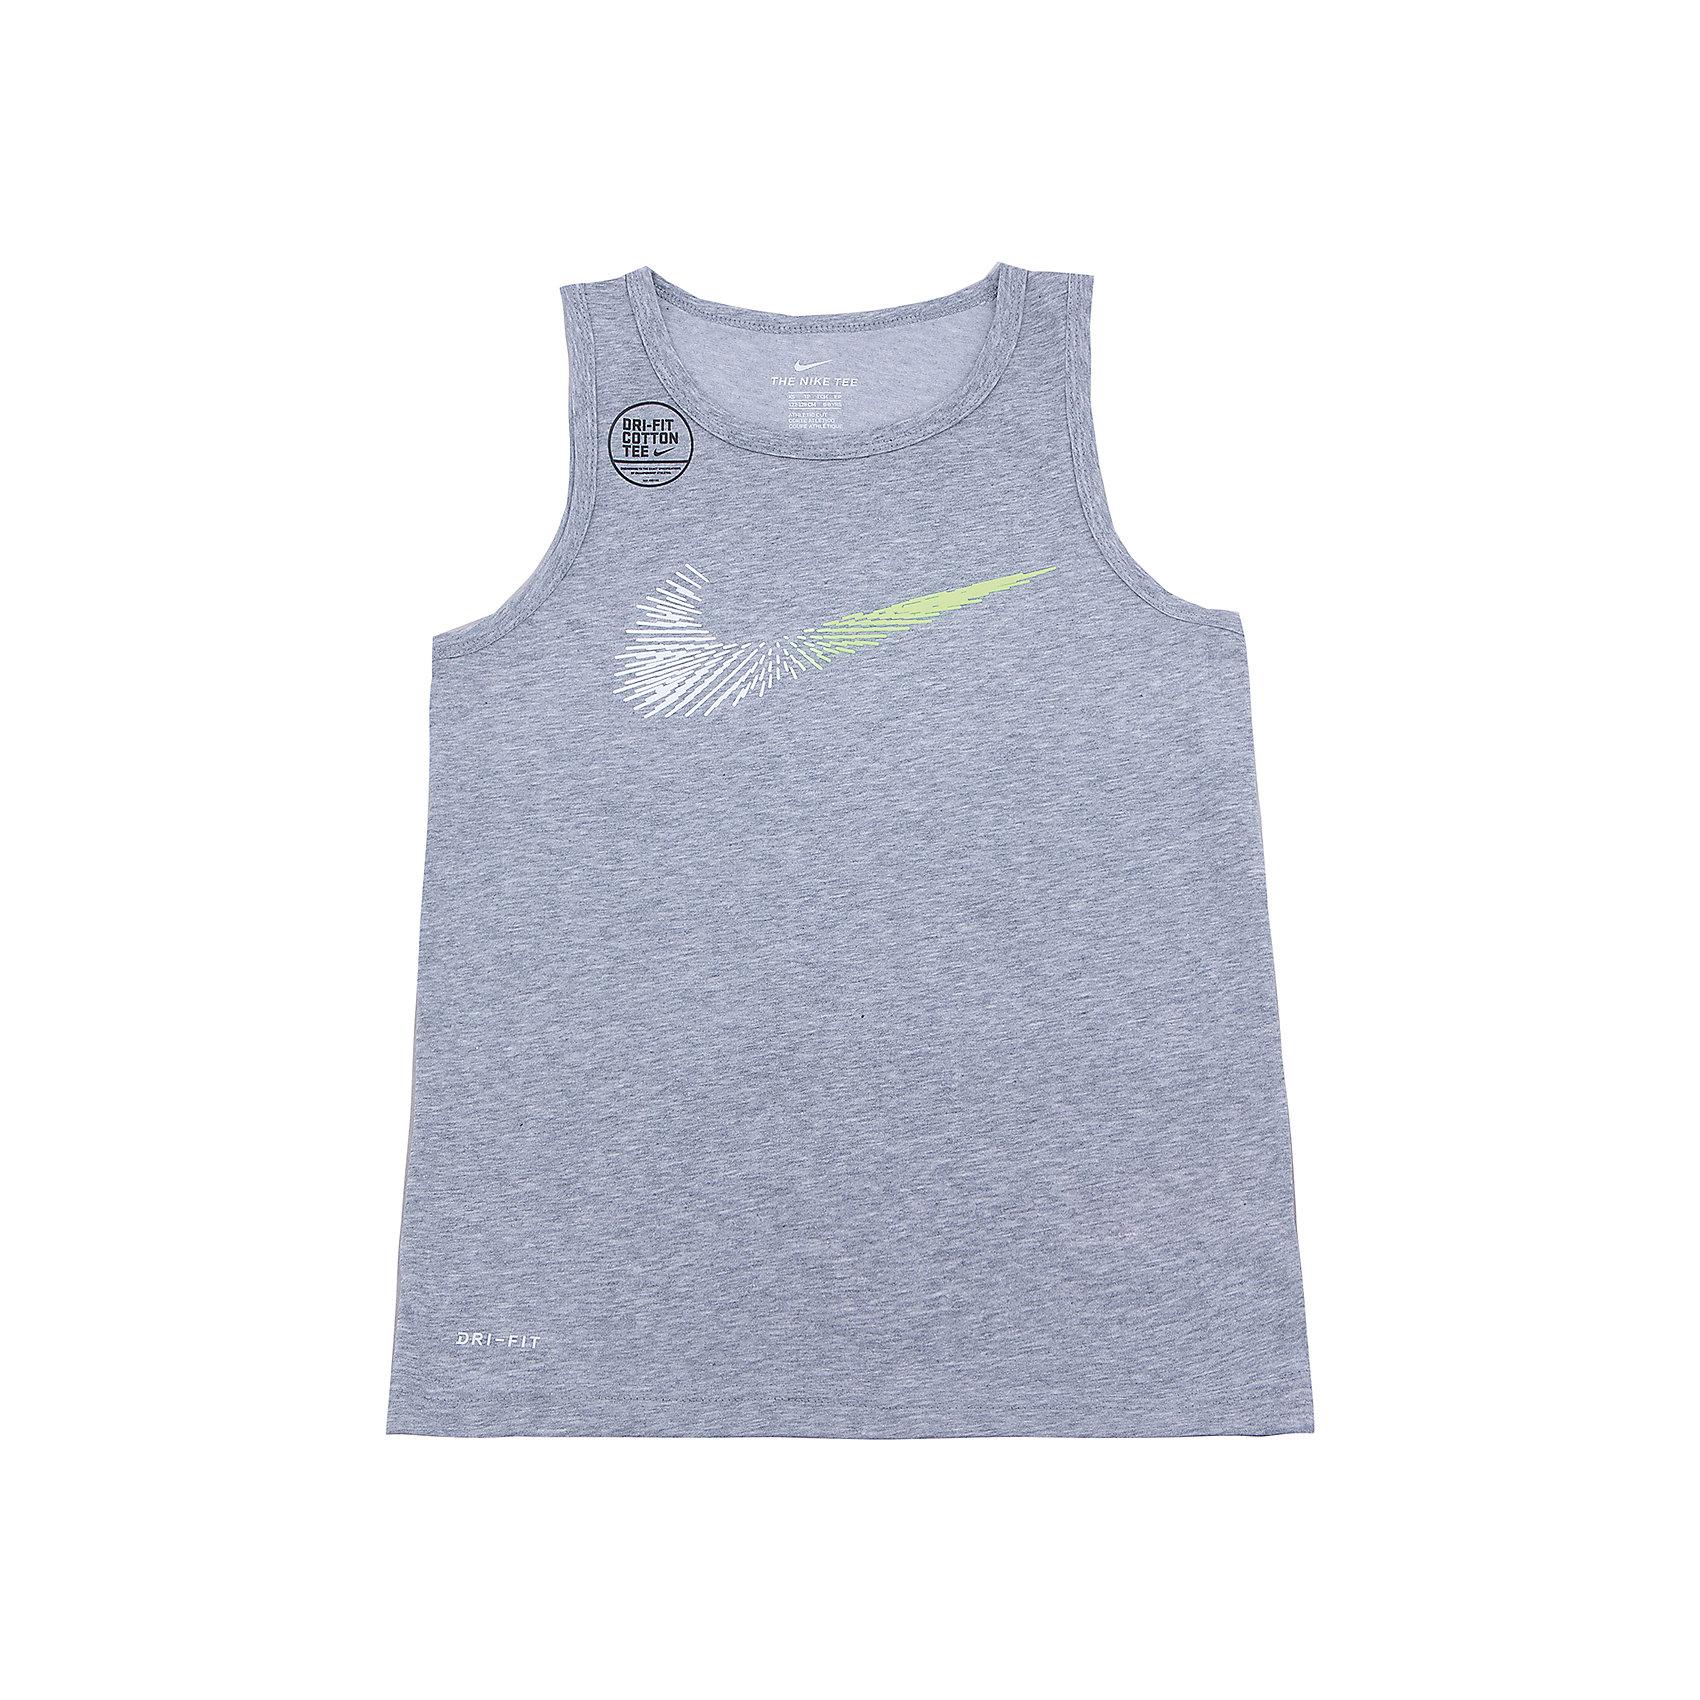 Майка NIKEСпортивная форма<br>Характеристики товара:<br><br>• цвет: серый<br>• состав ткани: 60% хлопок, 40% полиэстер<br>• сезон: лето<br>• особенности модели: спортивный стиль<br>• технология: Dri-FIT<br>• страна бренда: США<br>• страна изготовитель: Китай<br><br>Серая спортивная майка Nike декорирована логотипом на груди. Стильная майка от Nike может быть одеждой для тренировок или дополнять наряд в спортивном стиле. Такая детская майка сделана из легкого дышащего материала. <br><br>Майку Nike (Найк) можно купить в нашем интернет-магазине.<br><br>Ширина мм: 199<br>Глубина мм: 10<br>Высота мм: 161<br>Вес г: 151<br>Цвет: серый<br>Возраст от месяцев: 168<br>Возраст до месяцев: 180<br>Пол: Унисекс<br>Возраст: Детский<br>Размер: 158/170,122/128,128/134,135/140,147/158<br>SKU: 6921235